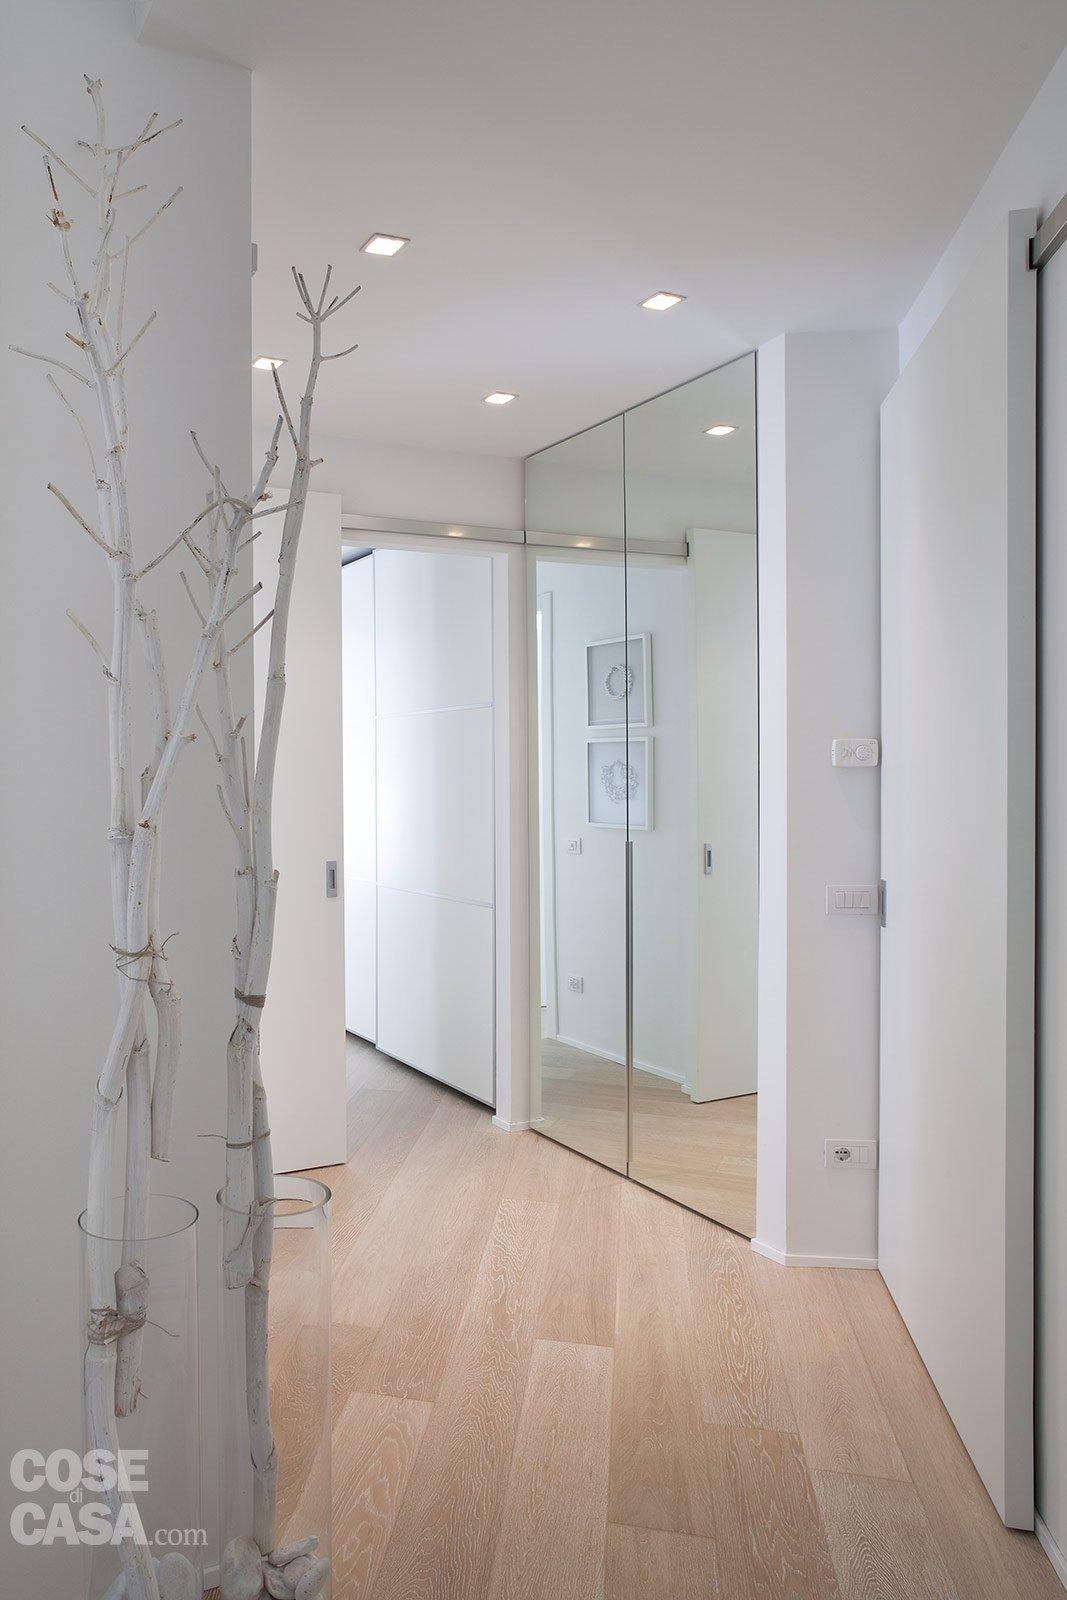 Ristrutturare Appartamento 35 Mq 75 mq: 10 idee per far sembrare più grande la casa - cose di